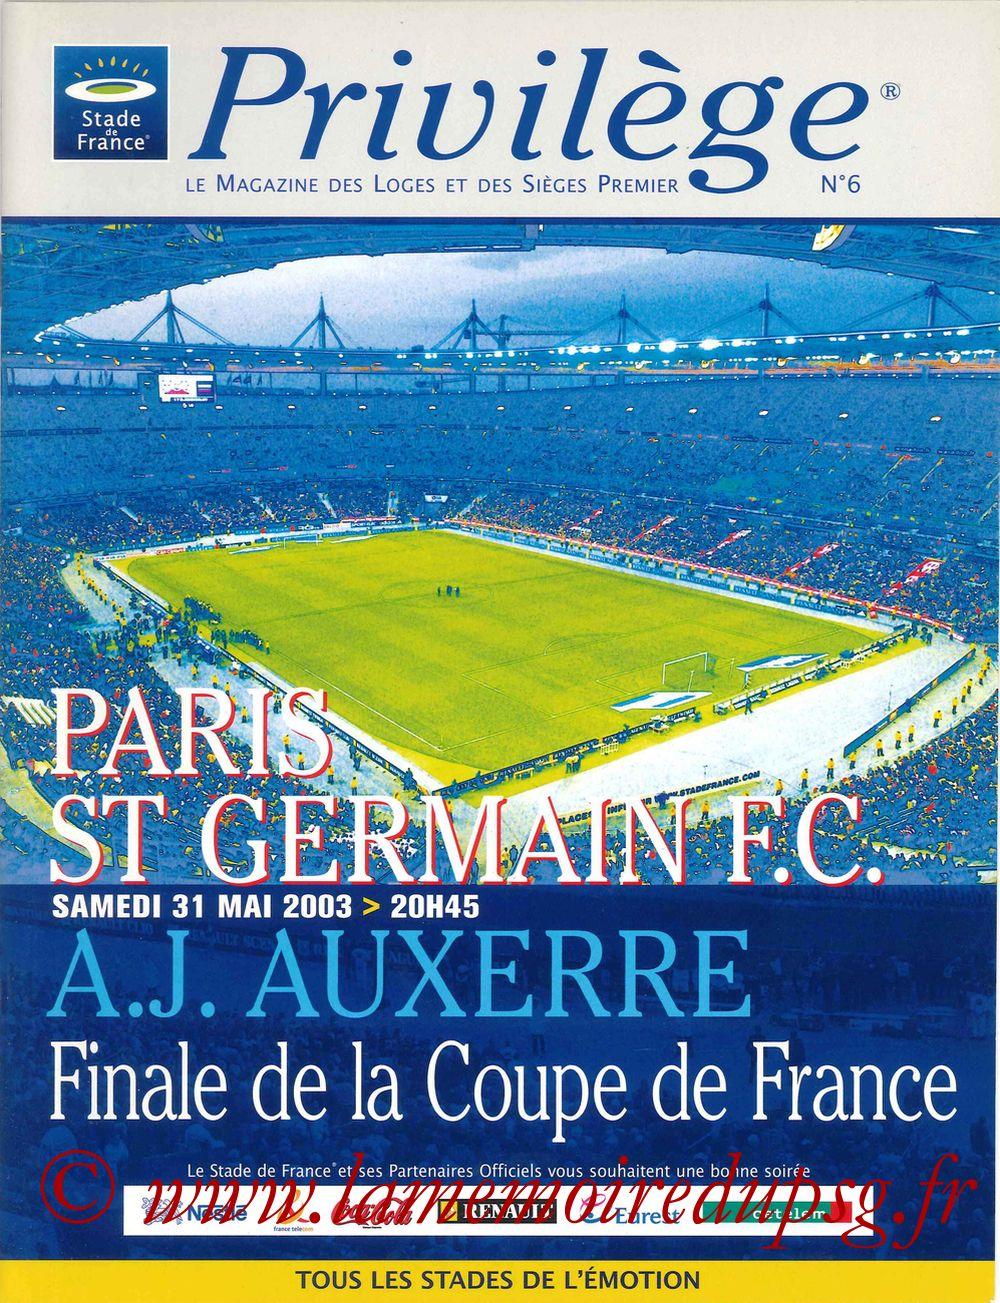 2003-05-31  PSG-Auxerre (Finale CF au Stade de France, Privilège N°6)